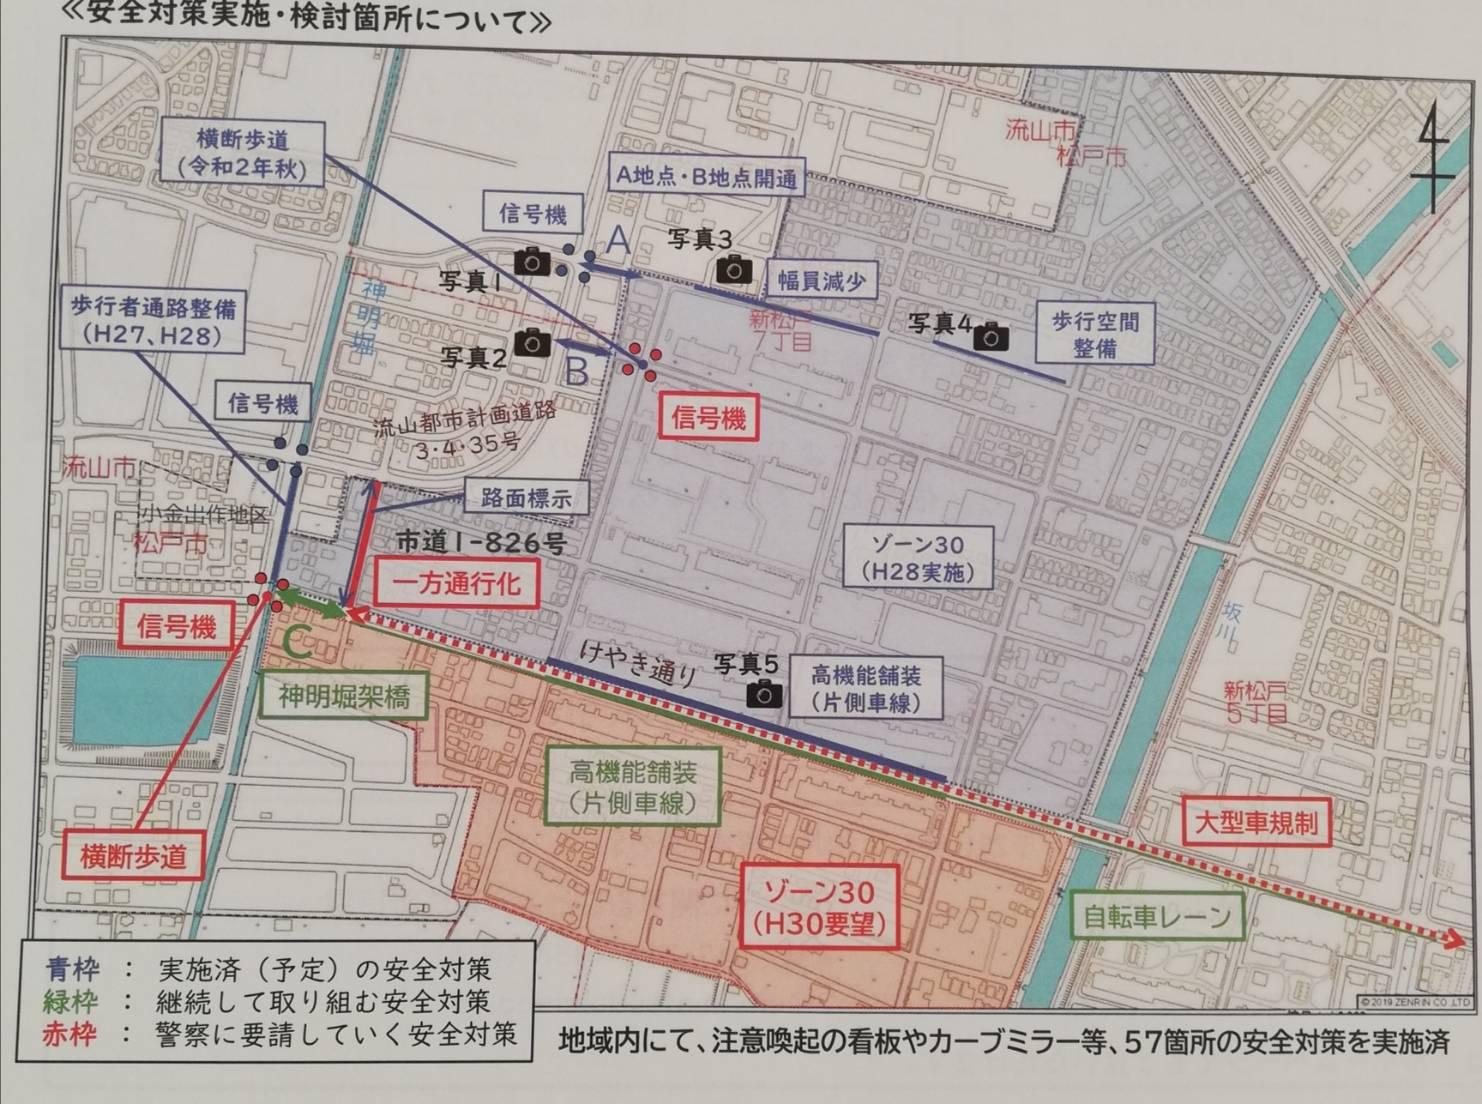 神明堀架橋計画新松戸けやき通り7丁目道路ネットワーク事業